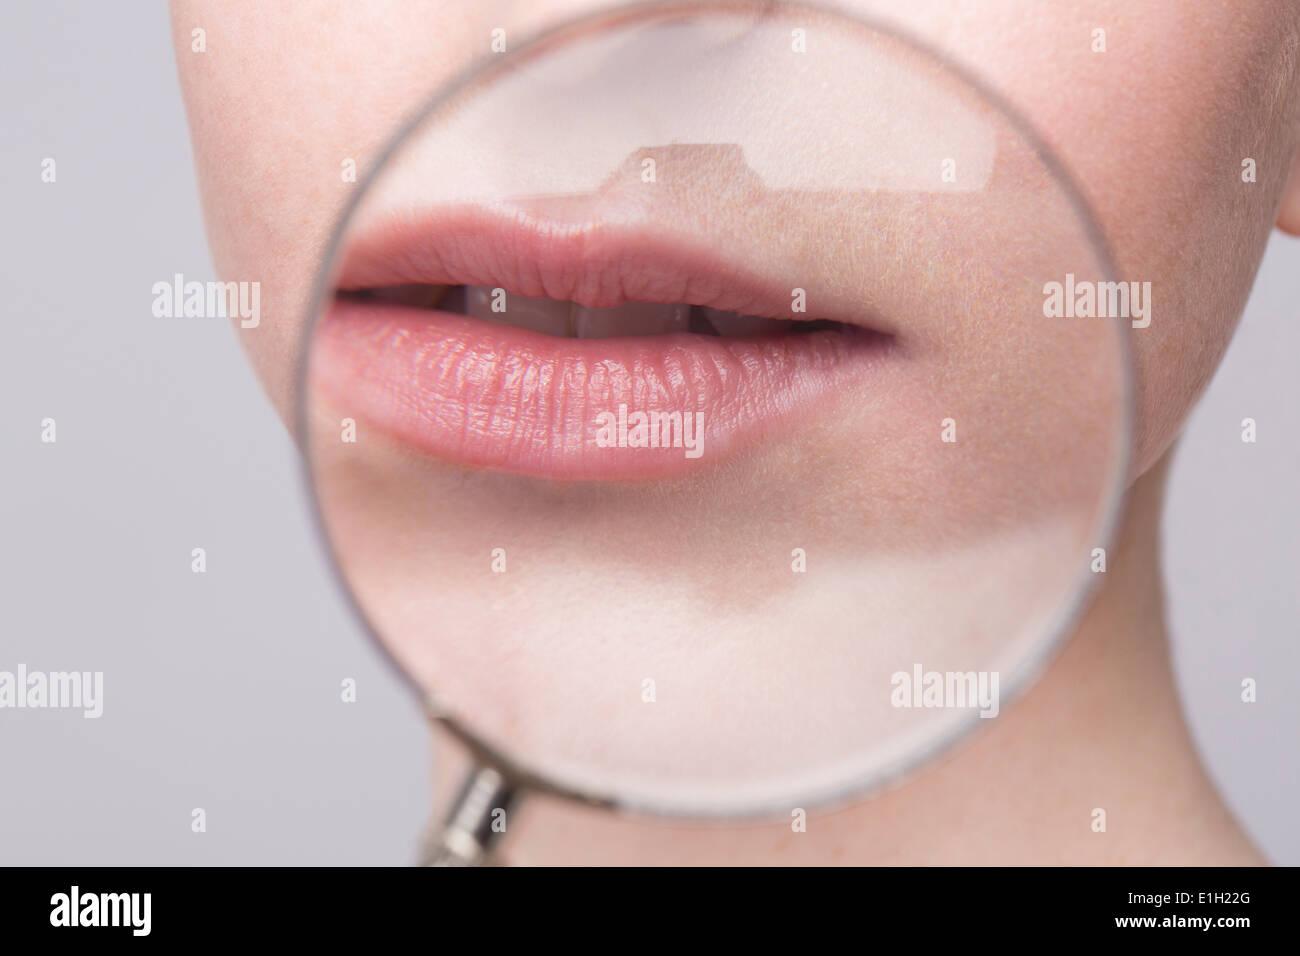 Ritratto di giovane donna, lente di ingrandimento sulla bocca Immagini Stock